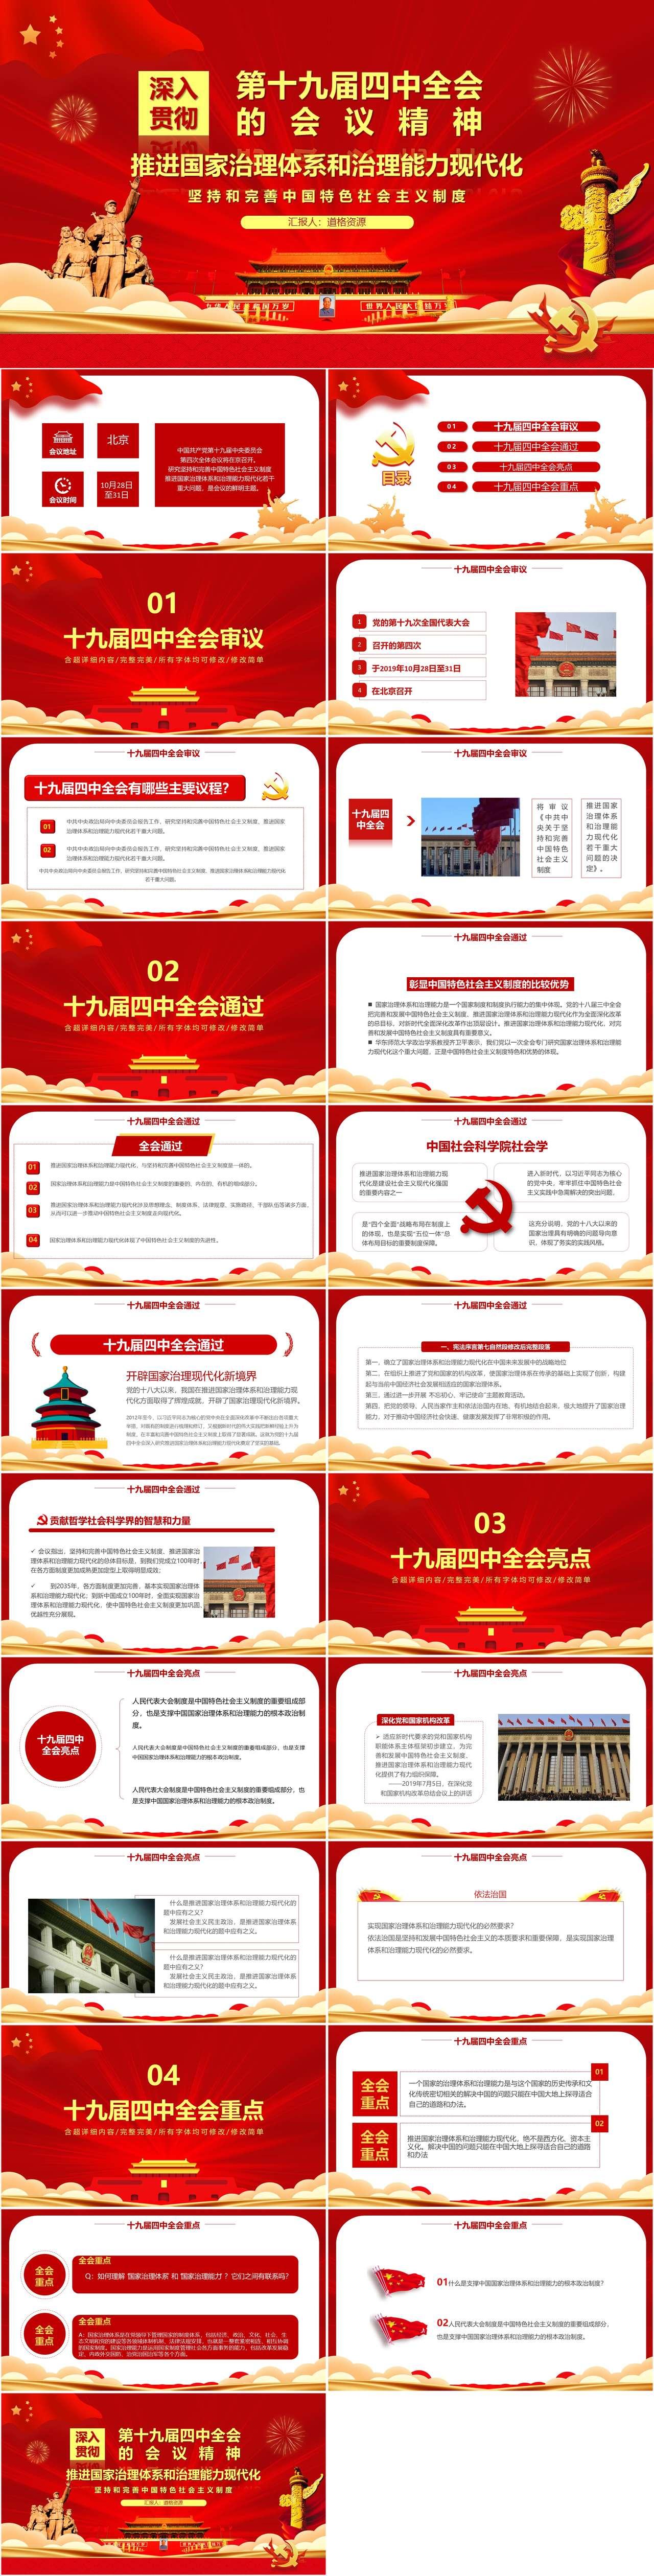 红色党政风学习十九届四中全会模版PPT模板插图1